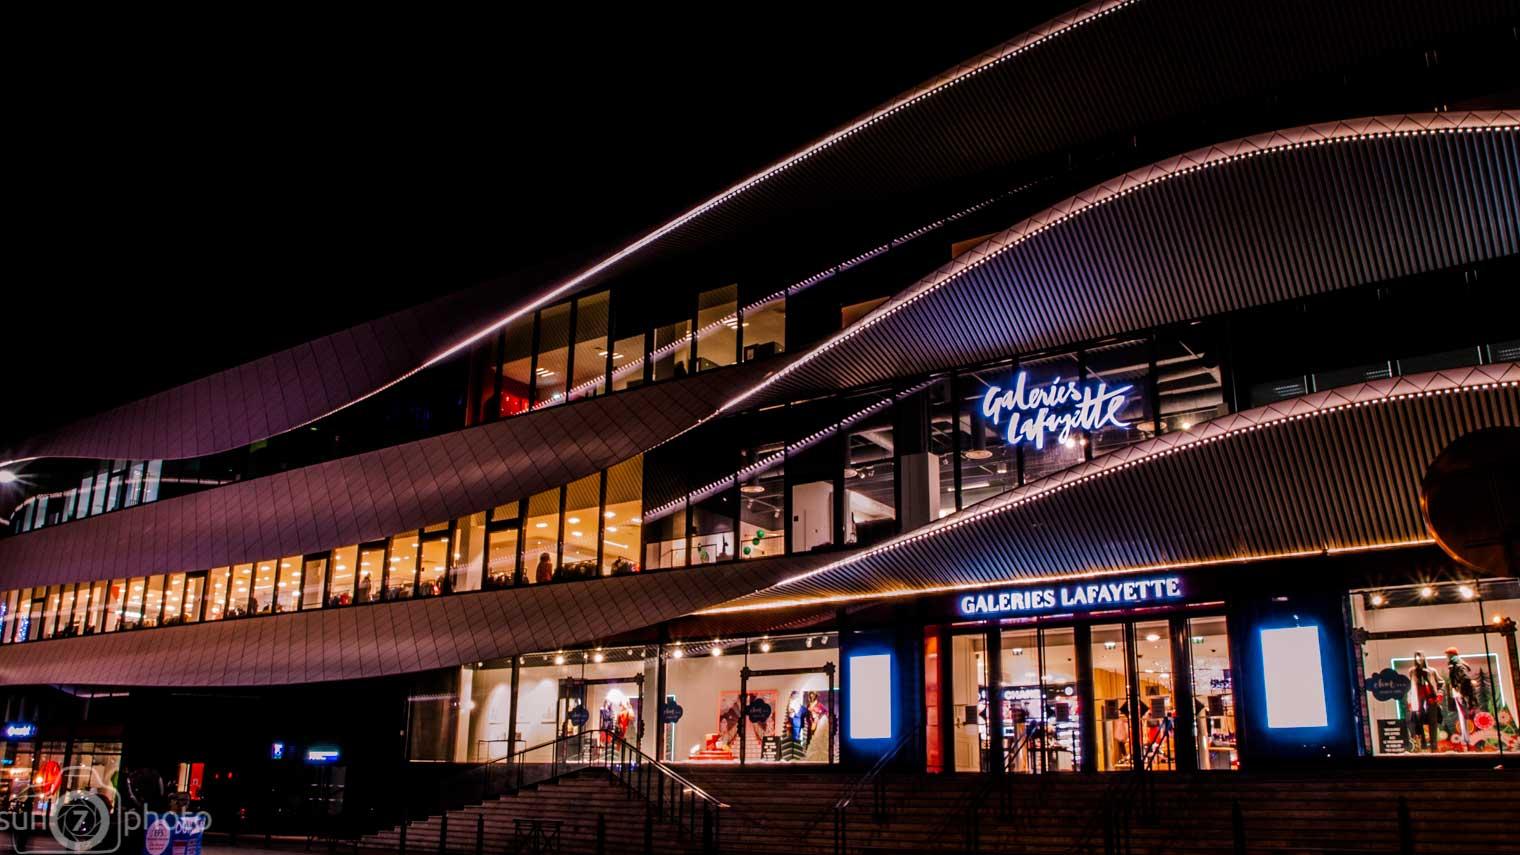 Galeries Lafayettes Centre Bourse 1